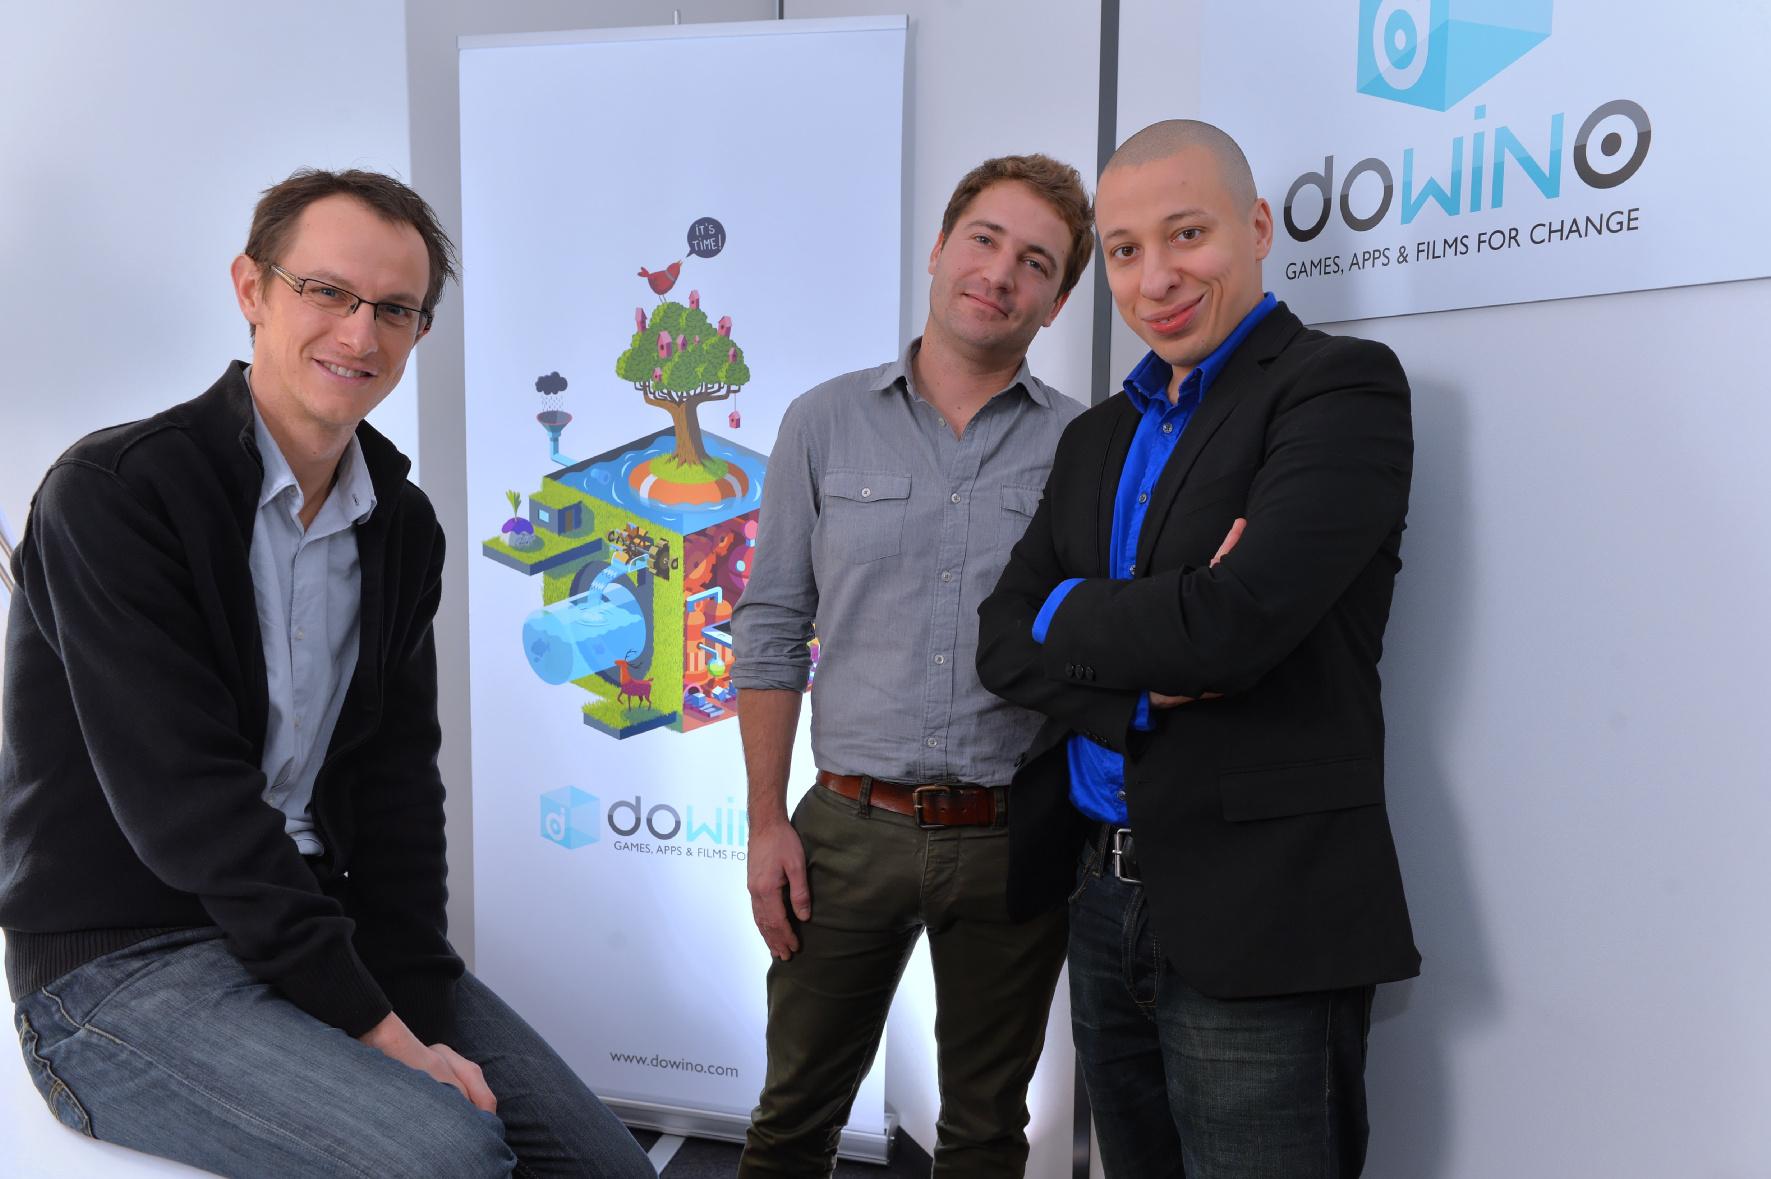 L'équipe DOWiNO : de gauche à droite Pierre-Alain Gagne (producteur), Jérôme Cattenot (directeur artistique) et Nordine Ghachi (concepteur et réalisateur)